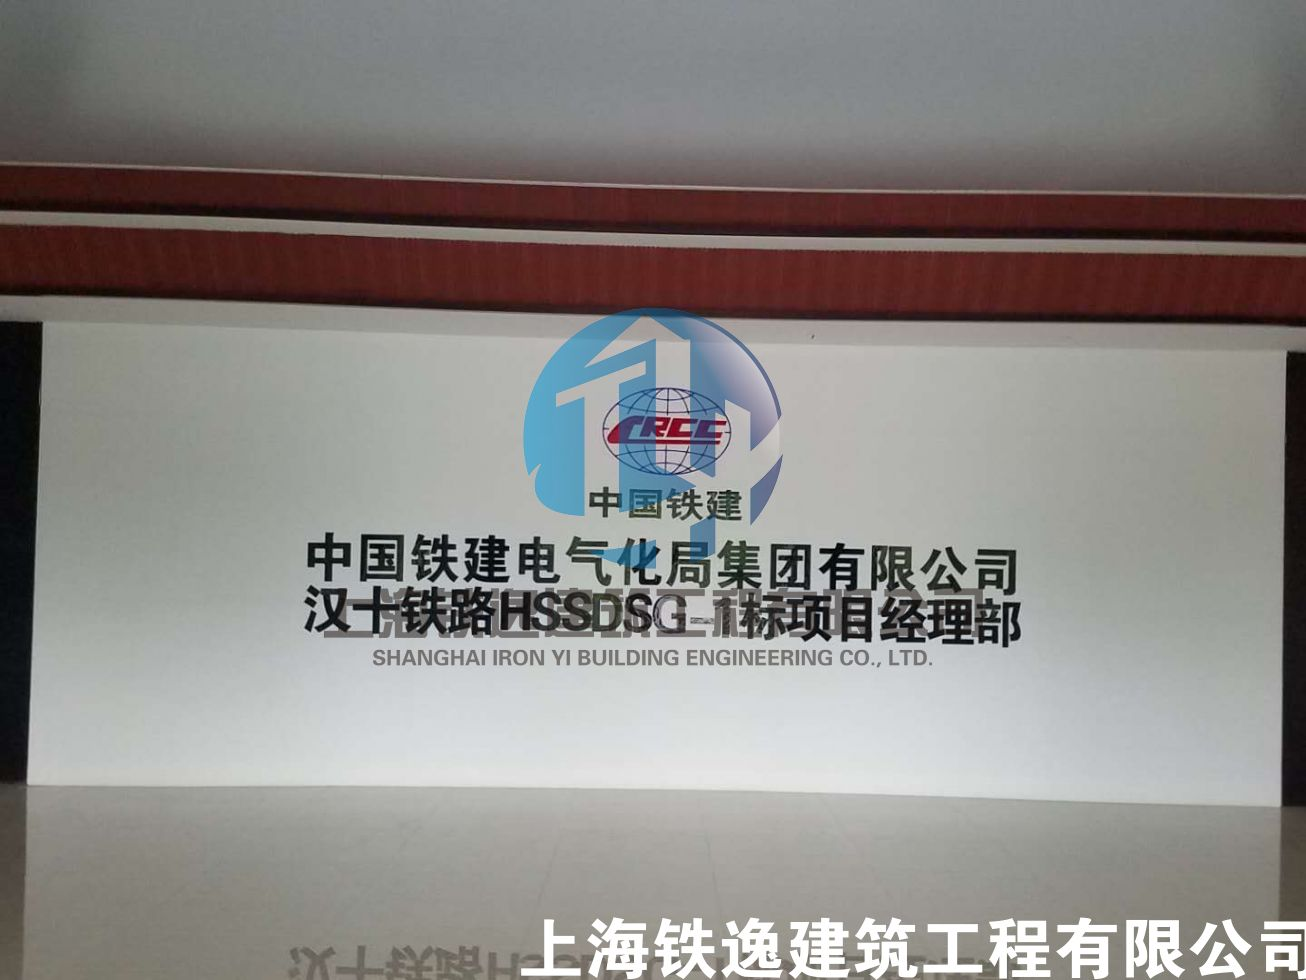 武汉铁建电气化局